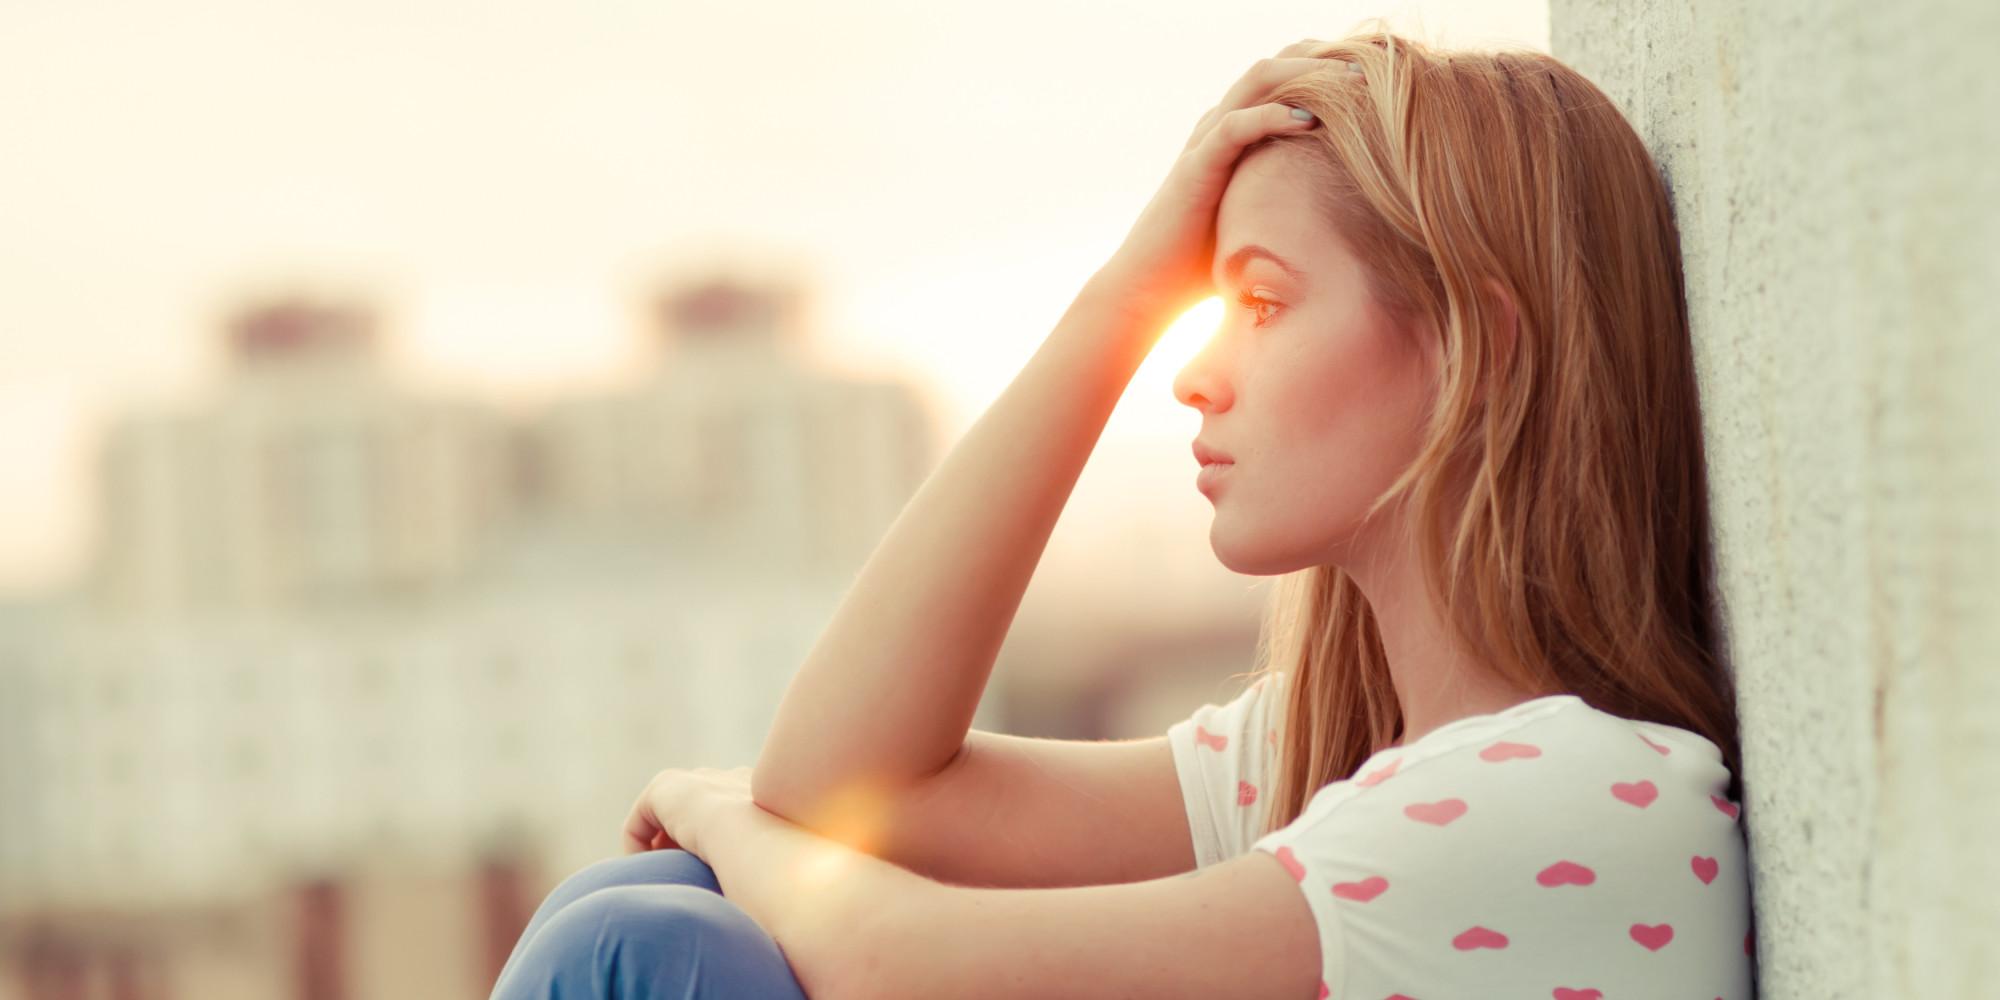 Как научиться контролировать свои эмоции: советы психологов